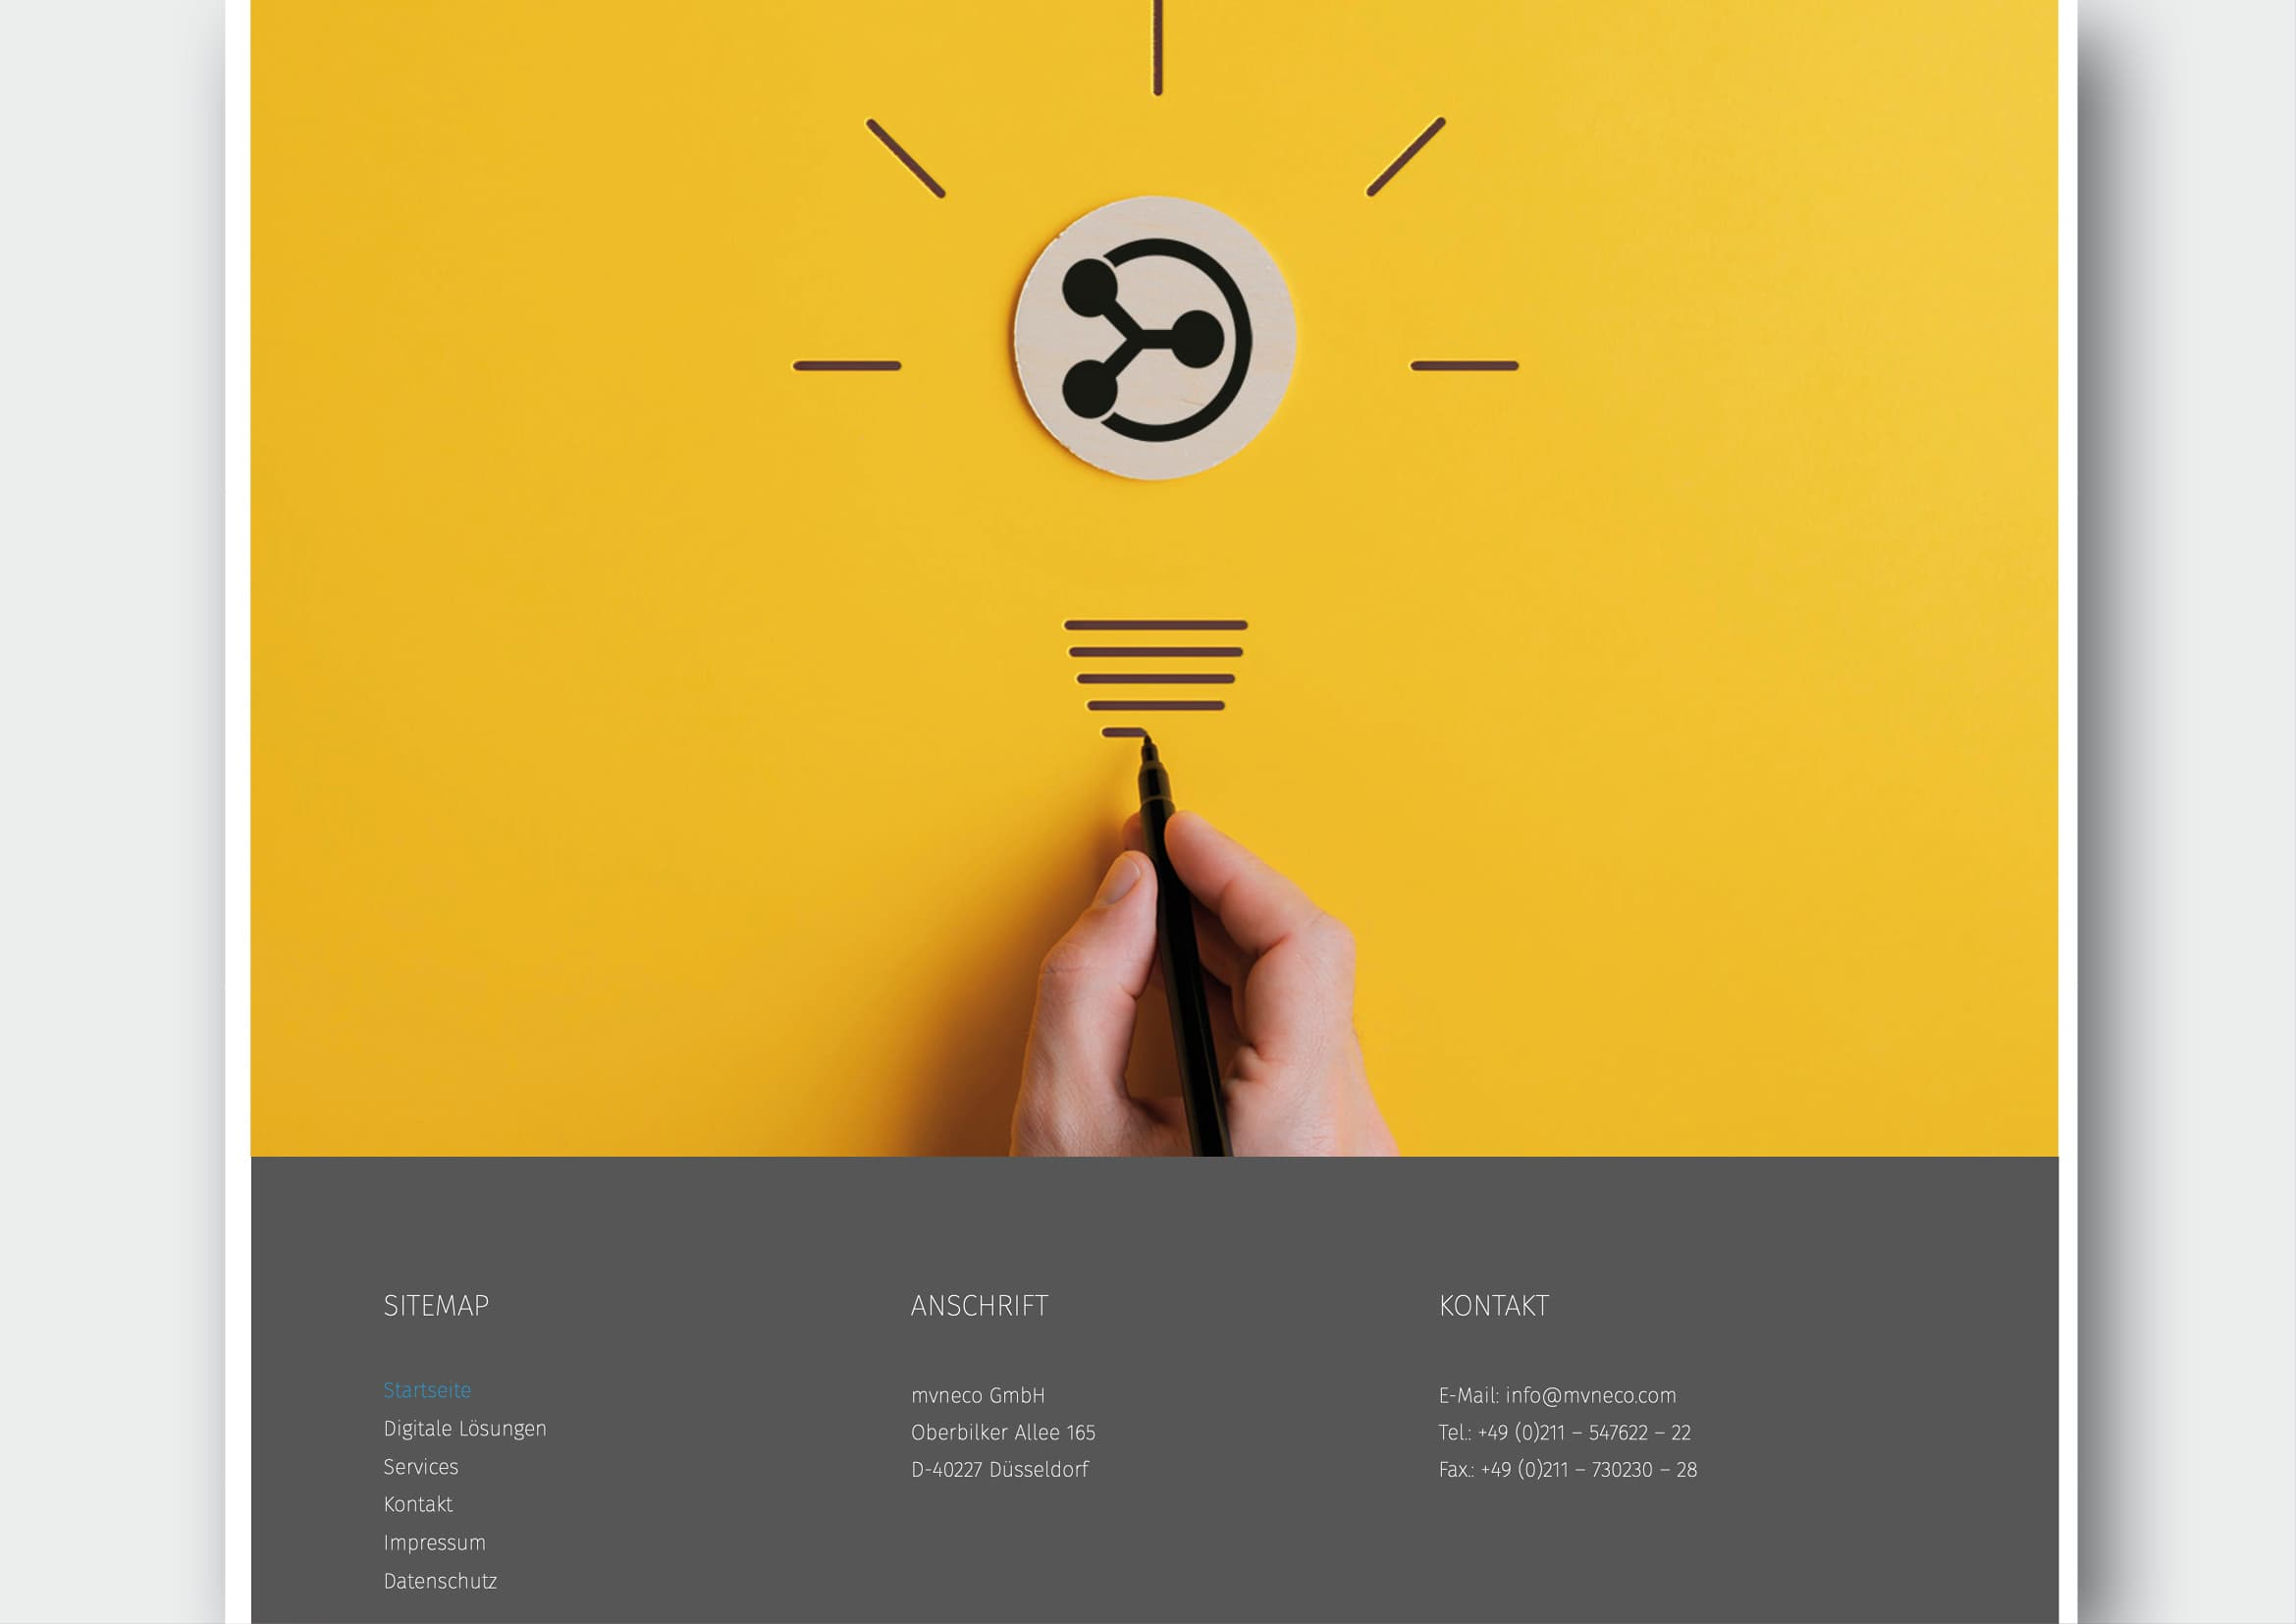 Website Relaunch für Digitalisierungsunternehmen mvneco GmbH durch Ronald Wissler Visuelle Kommunikation